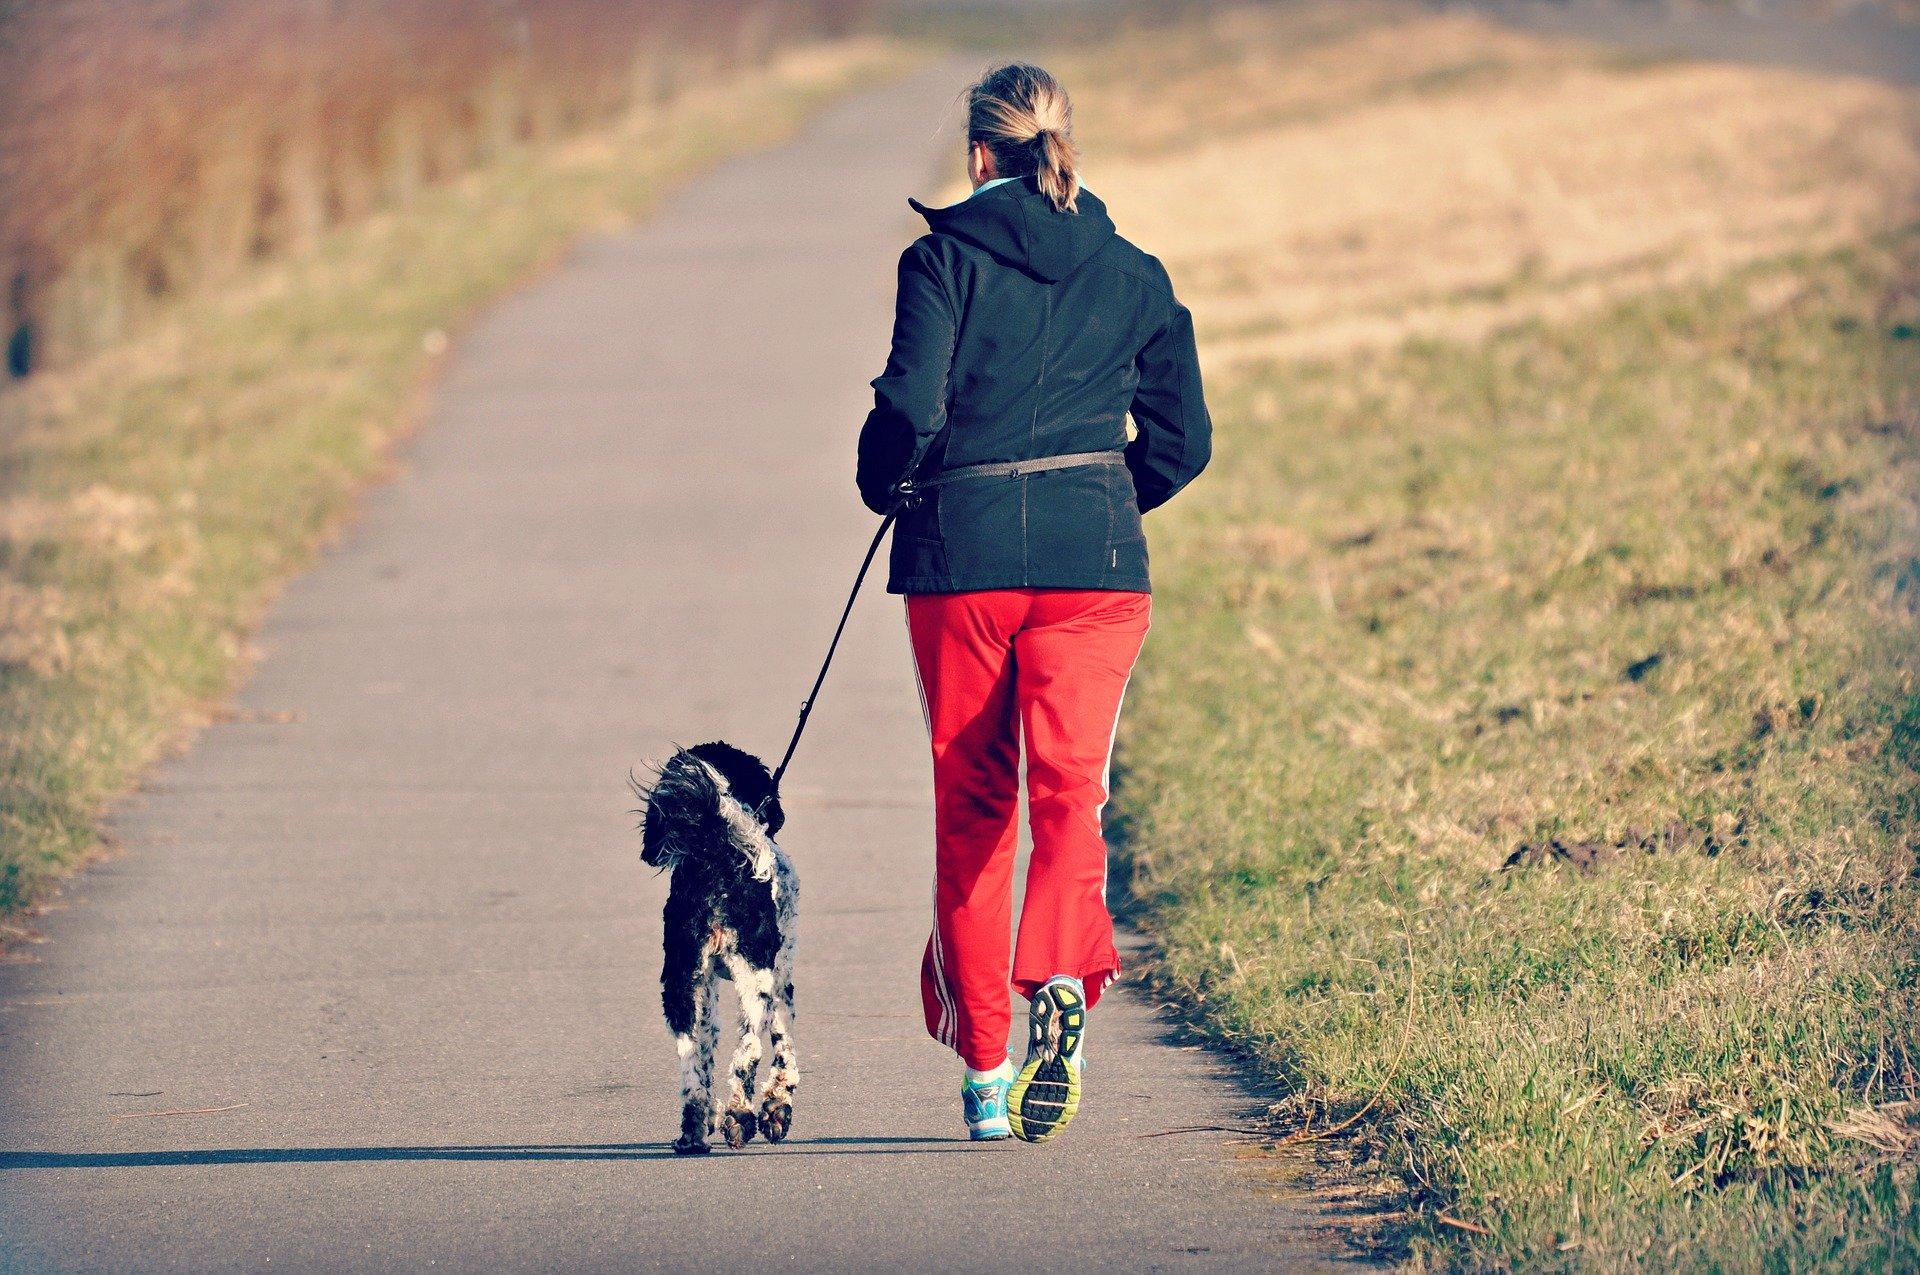 Tra le poche attività permesse all'esterno delle mura domestiche le brevi passeggiate, magari assieme al proprio cane, in prossimità di casa